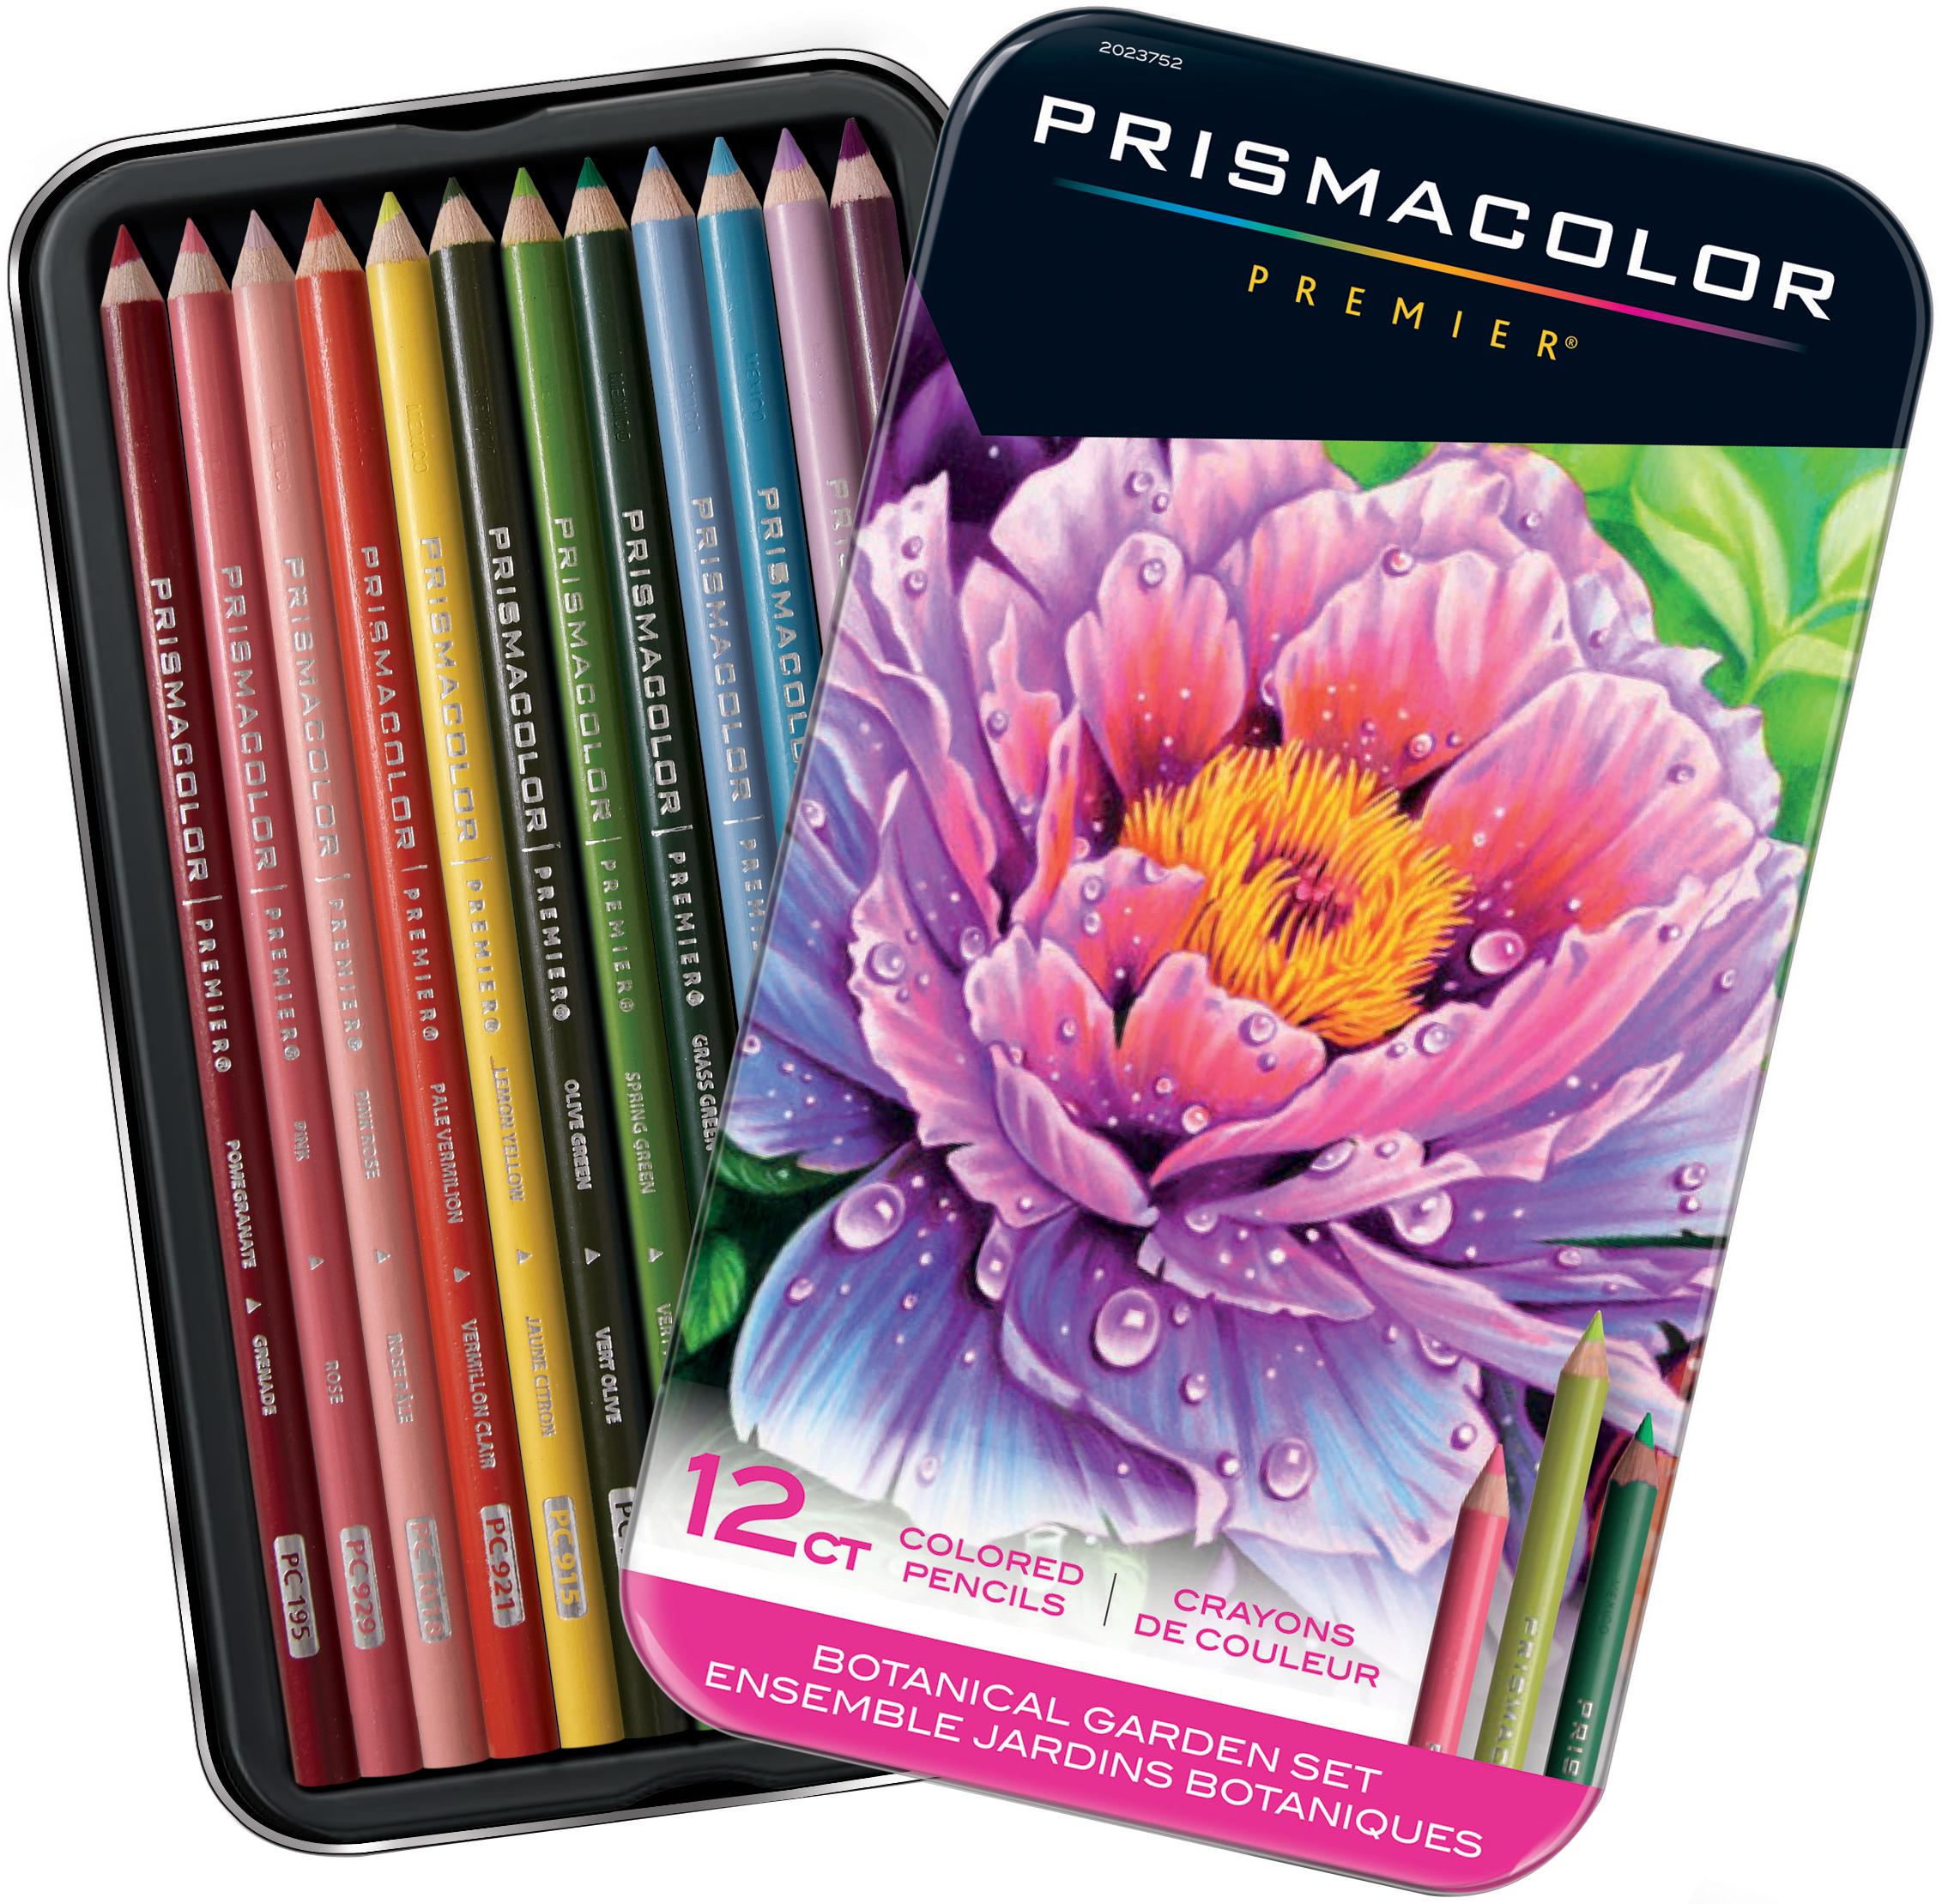 Prismacolor Premier Colored Pencils, Soft Core, Botanical Garden Set, 12 Count